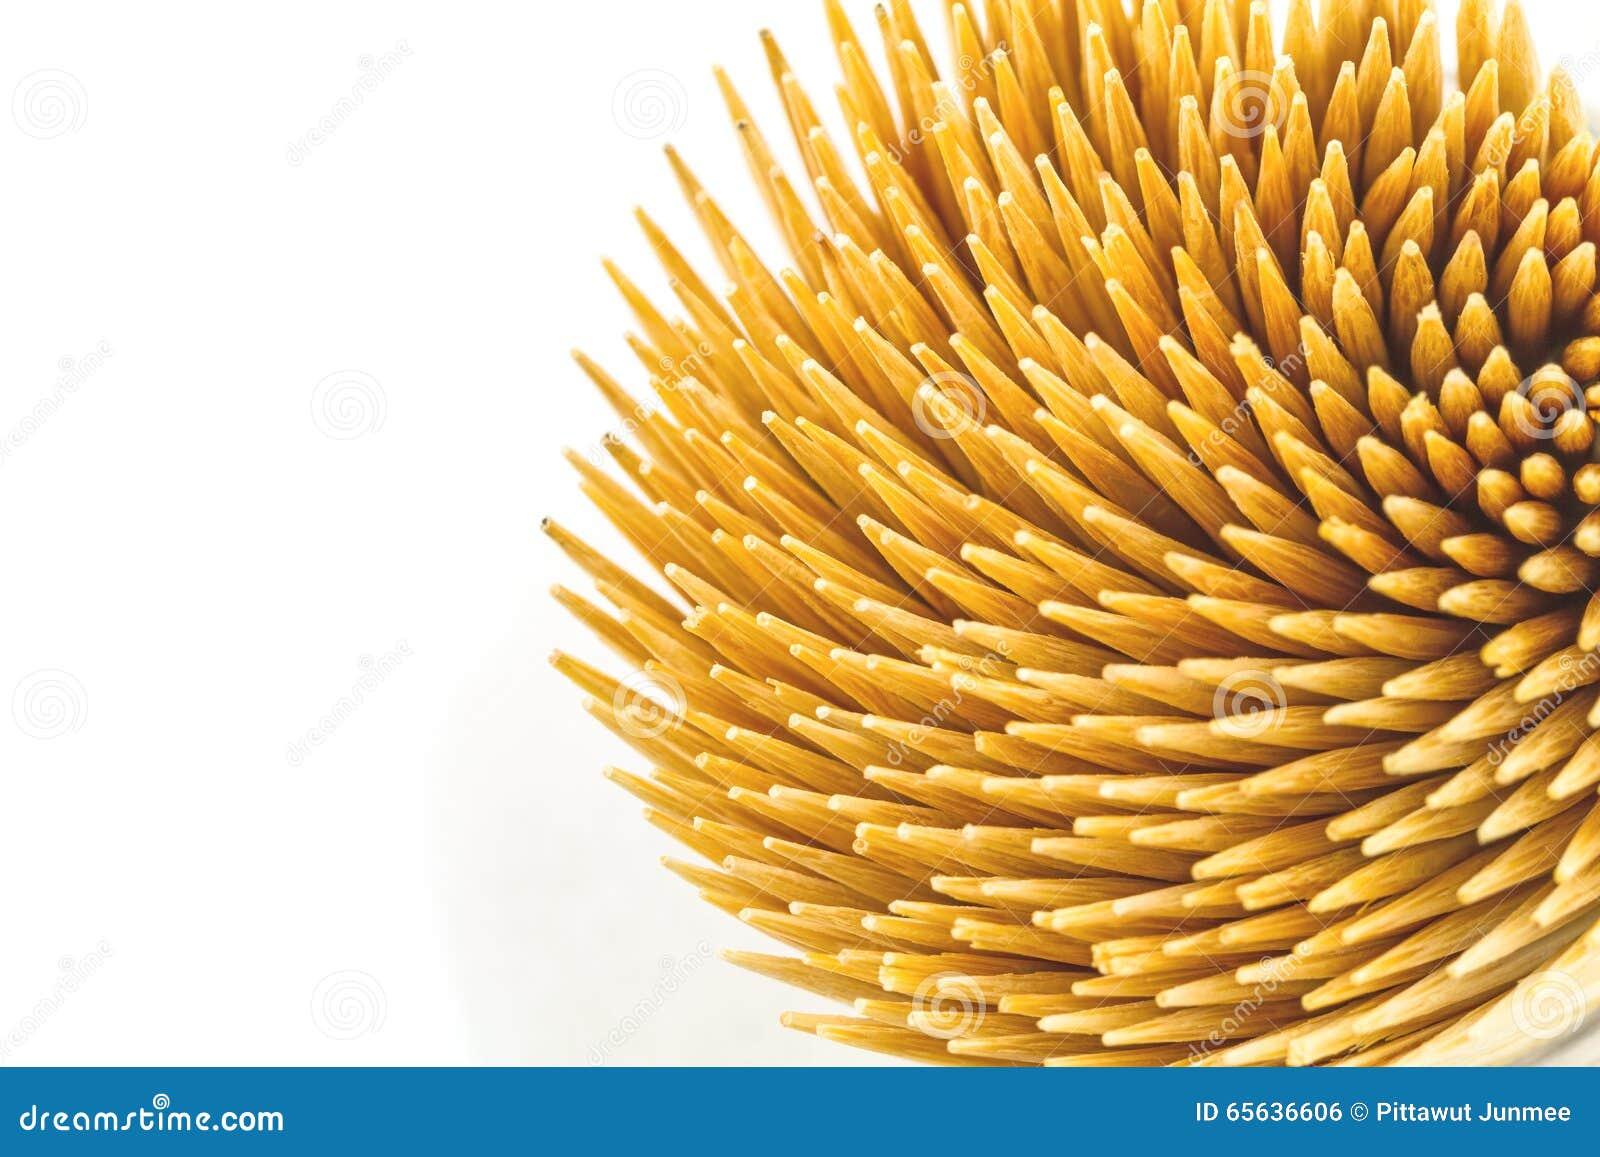 Fermez-vous vers le haut des cure-dents en bambou bruns sur le fond blanc sur la vue supérieure